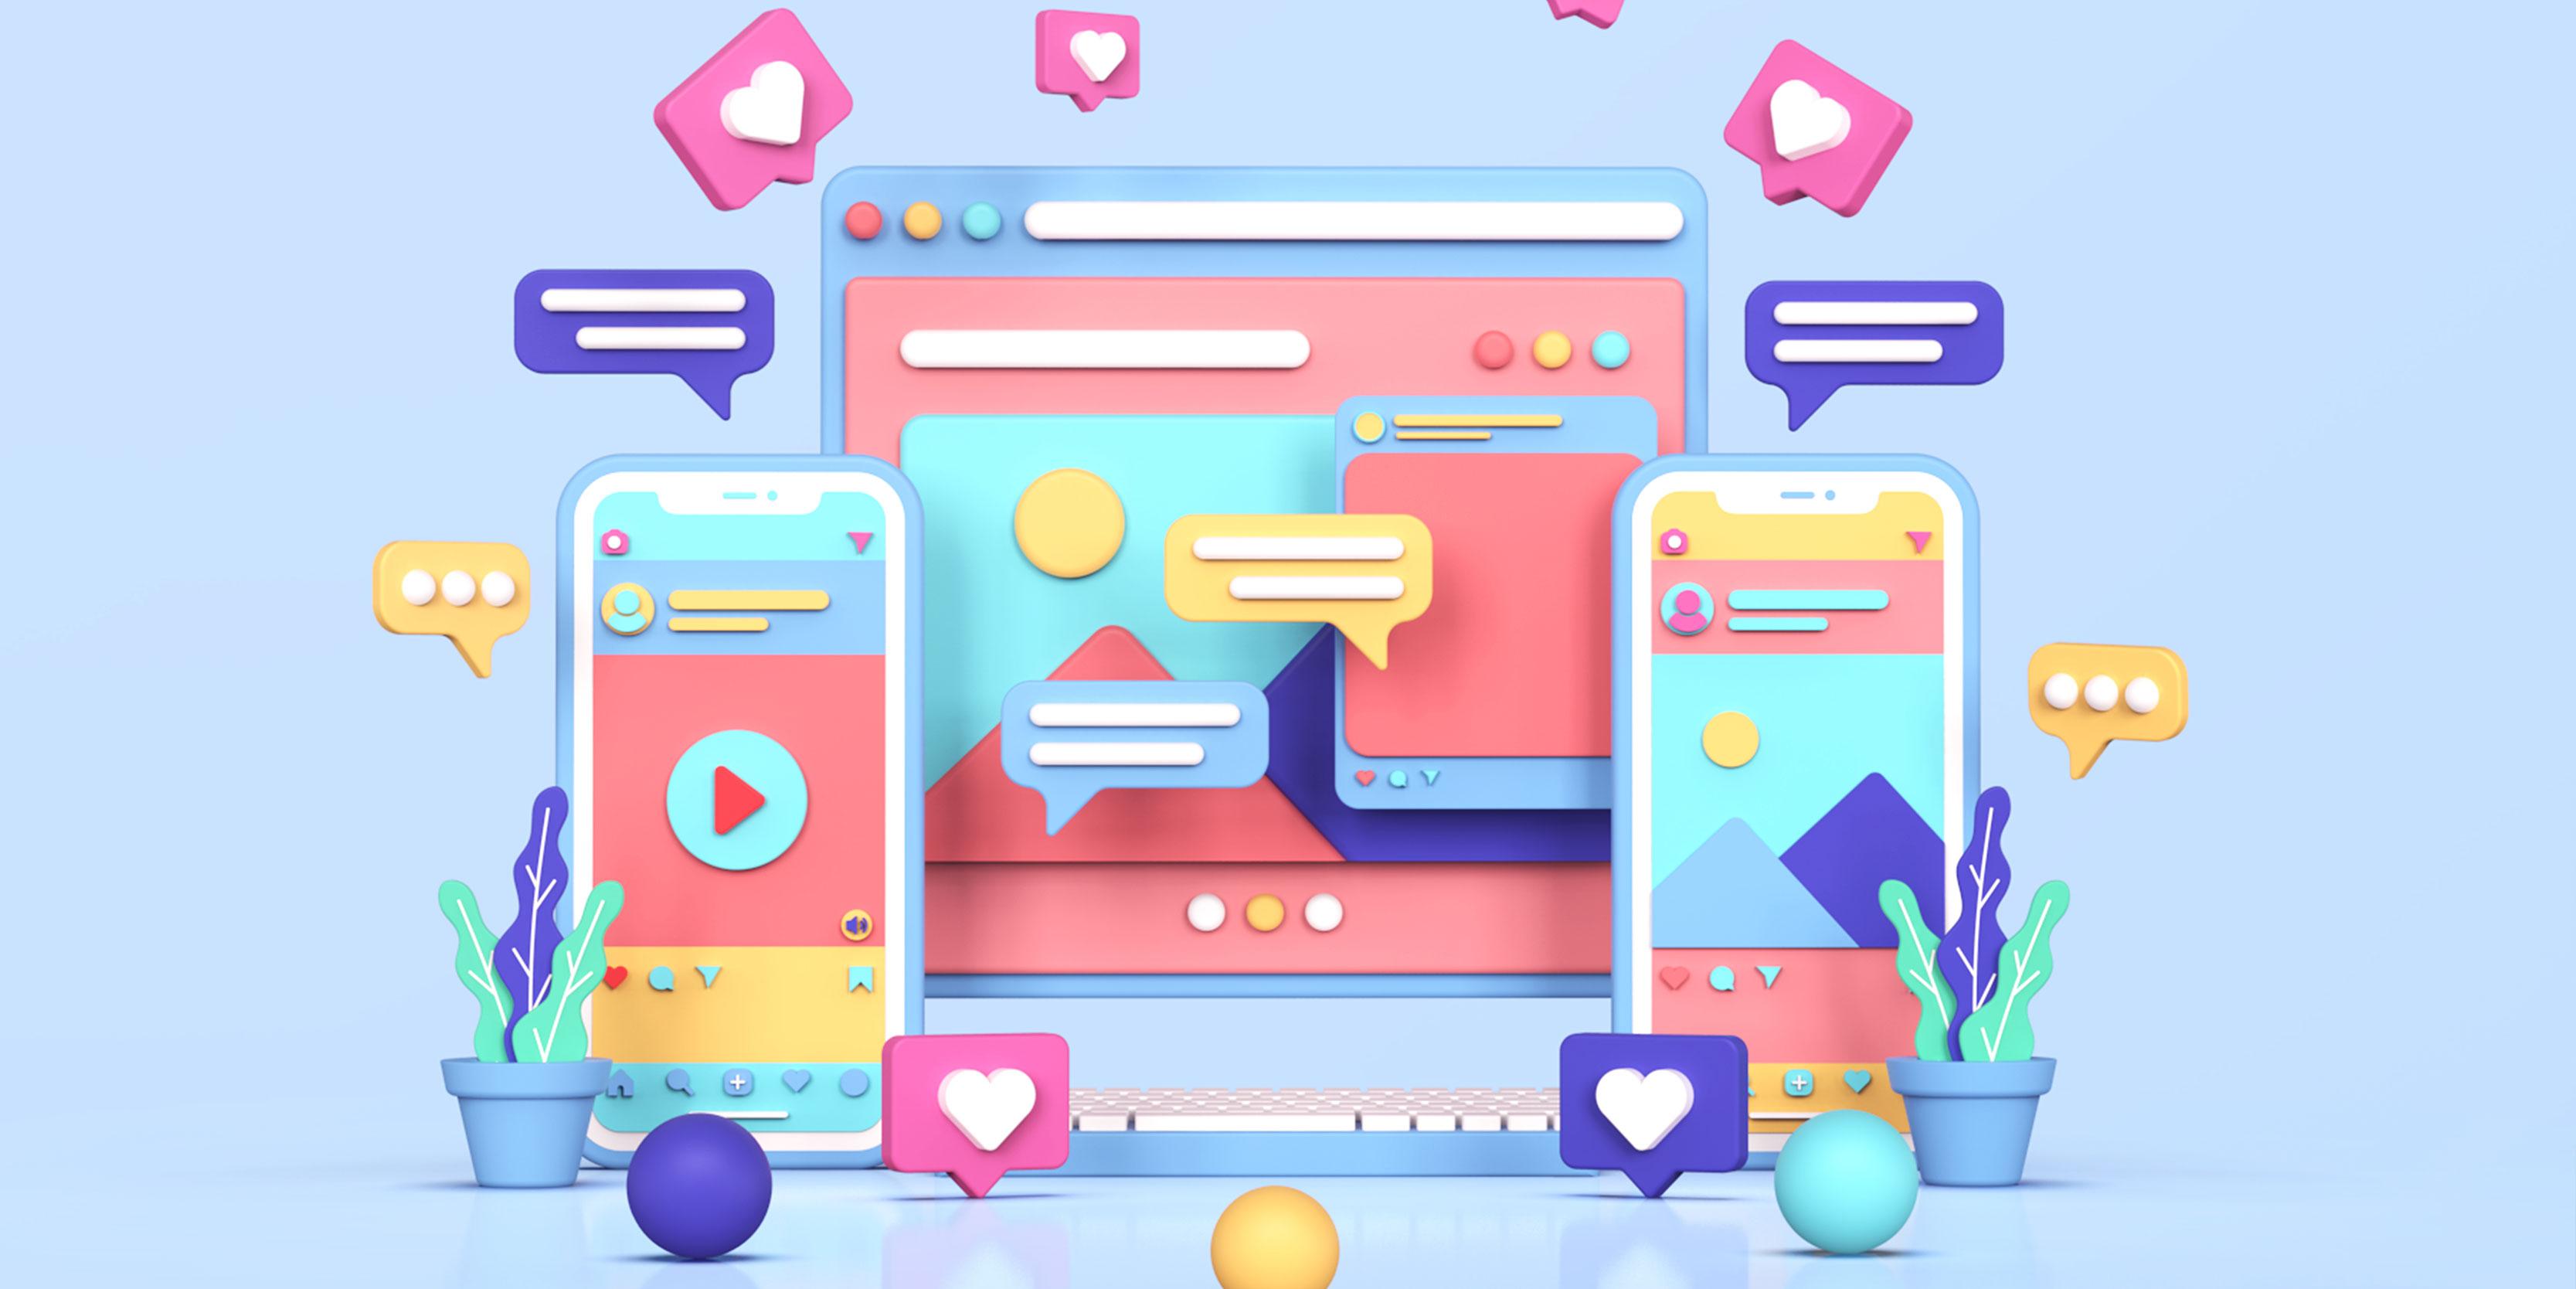 Kako napraviti dobre video zapise za društvene mreže: 9 koraka za veći broj pregleda